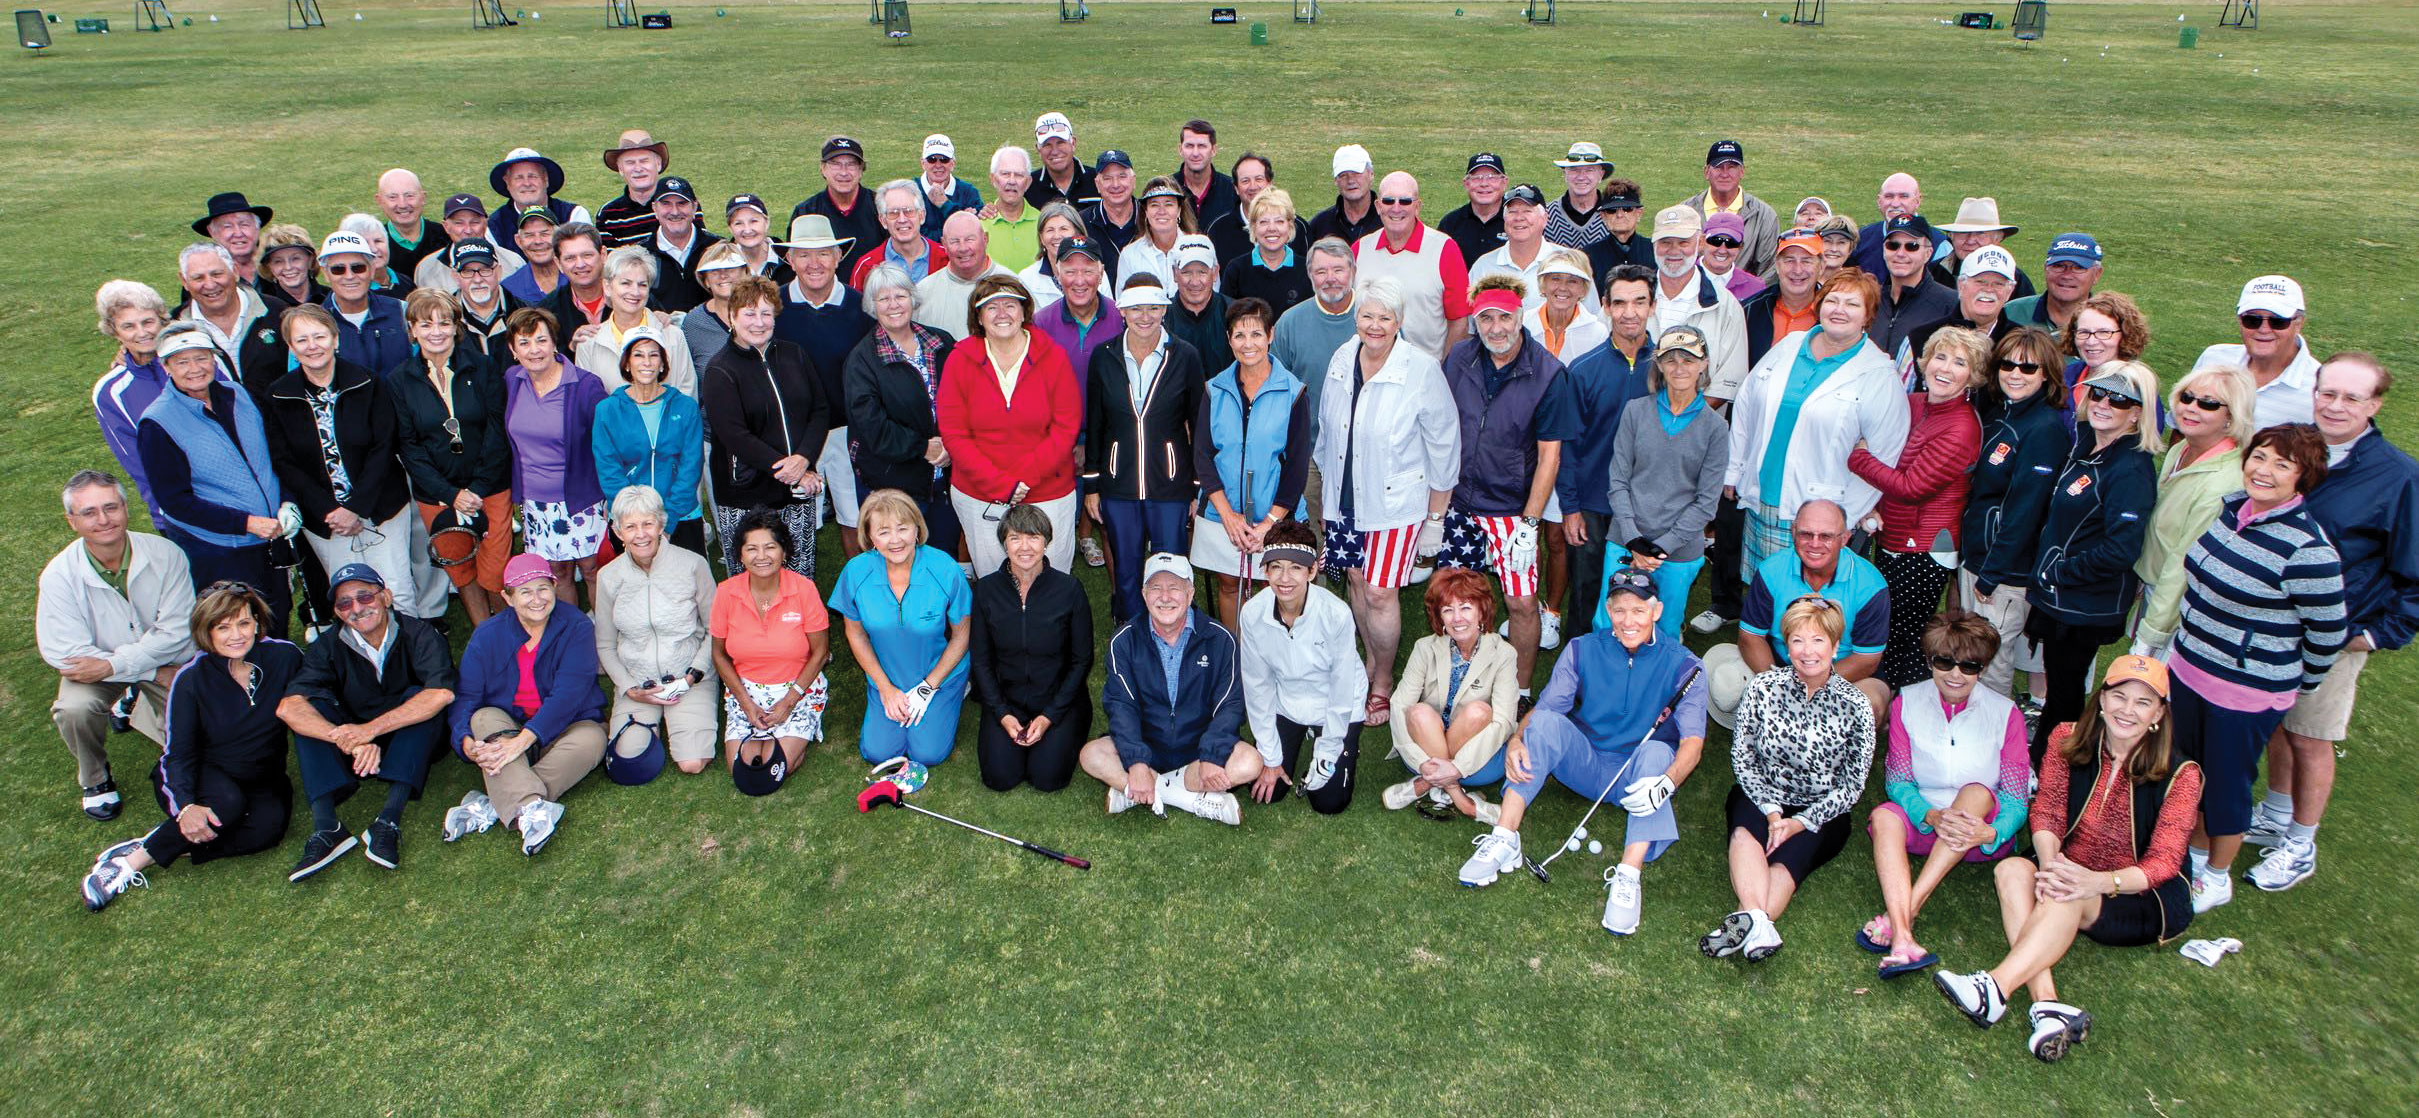 The SBRMGA Community Golf Tournament participants